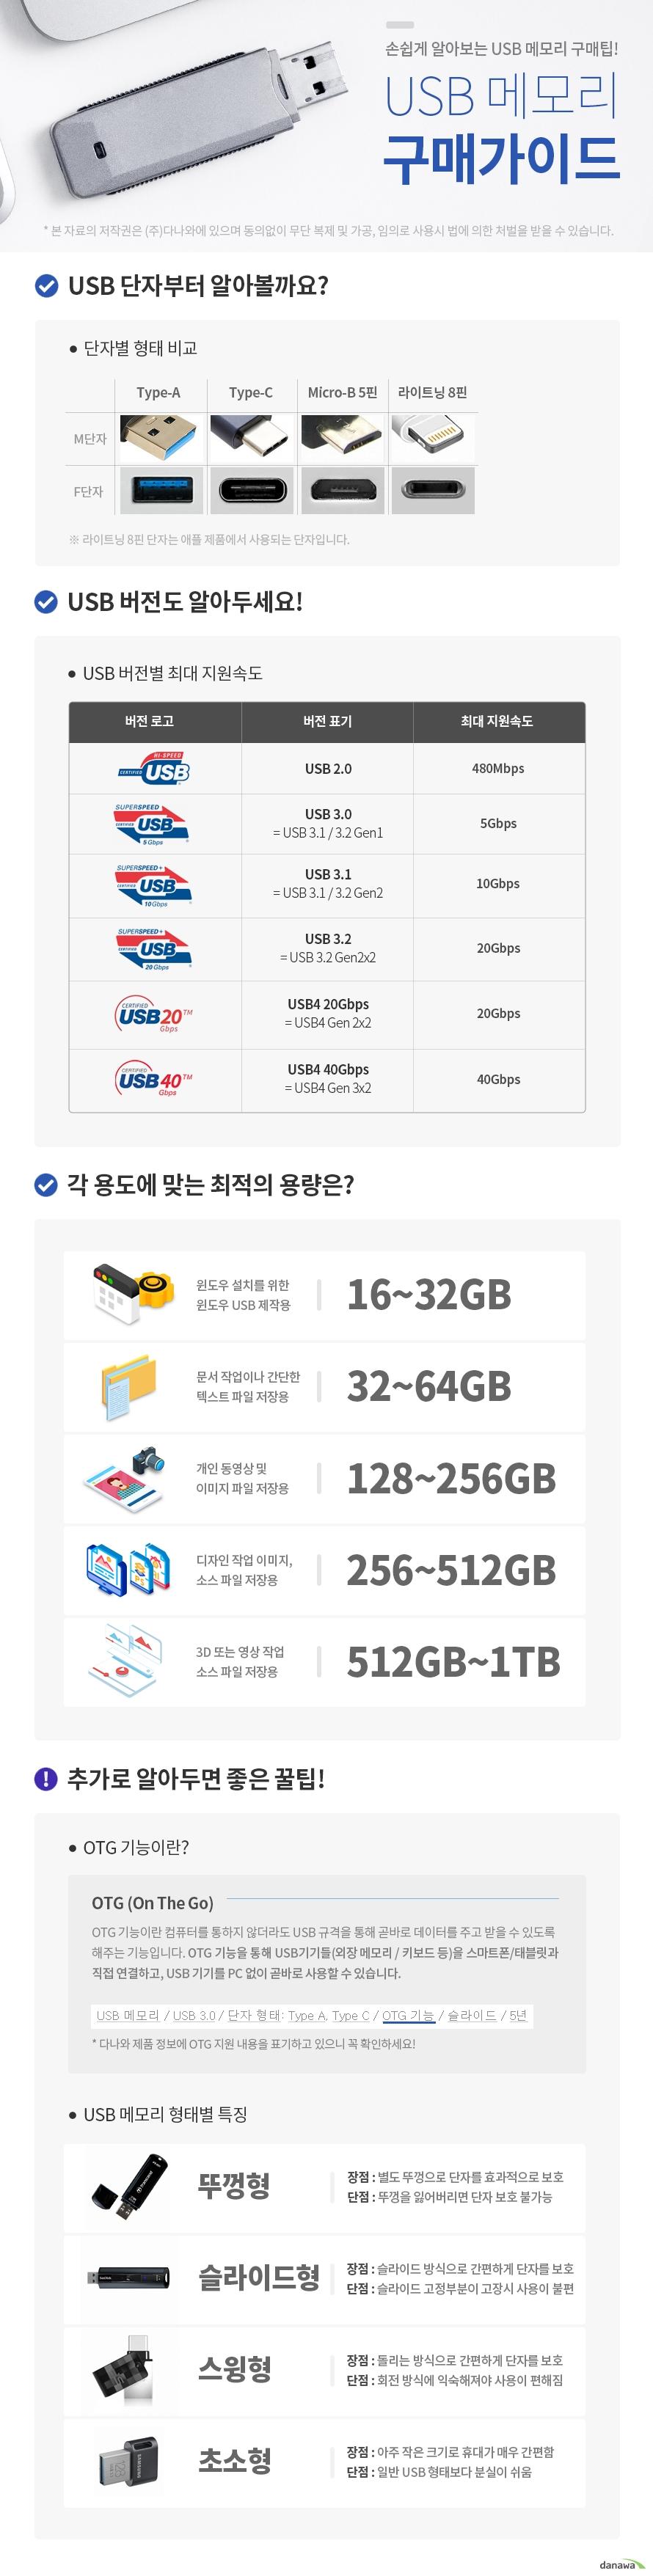 메모렛 스마트 스윙 OTG 마이크로 5핀 (8GB)